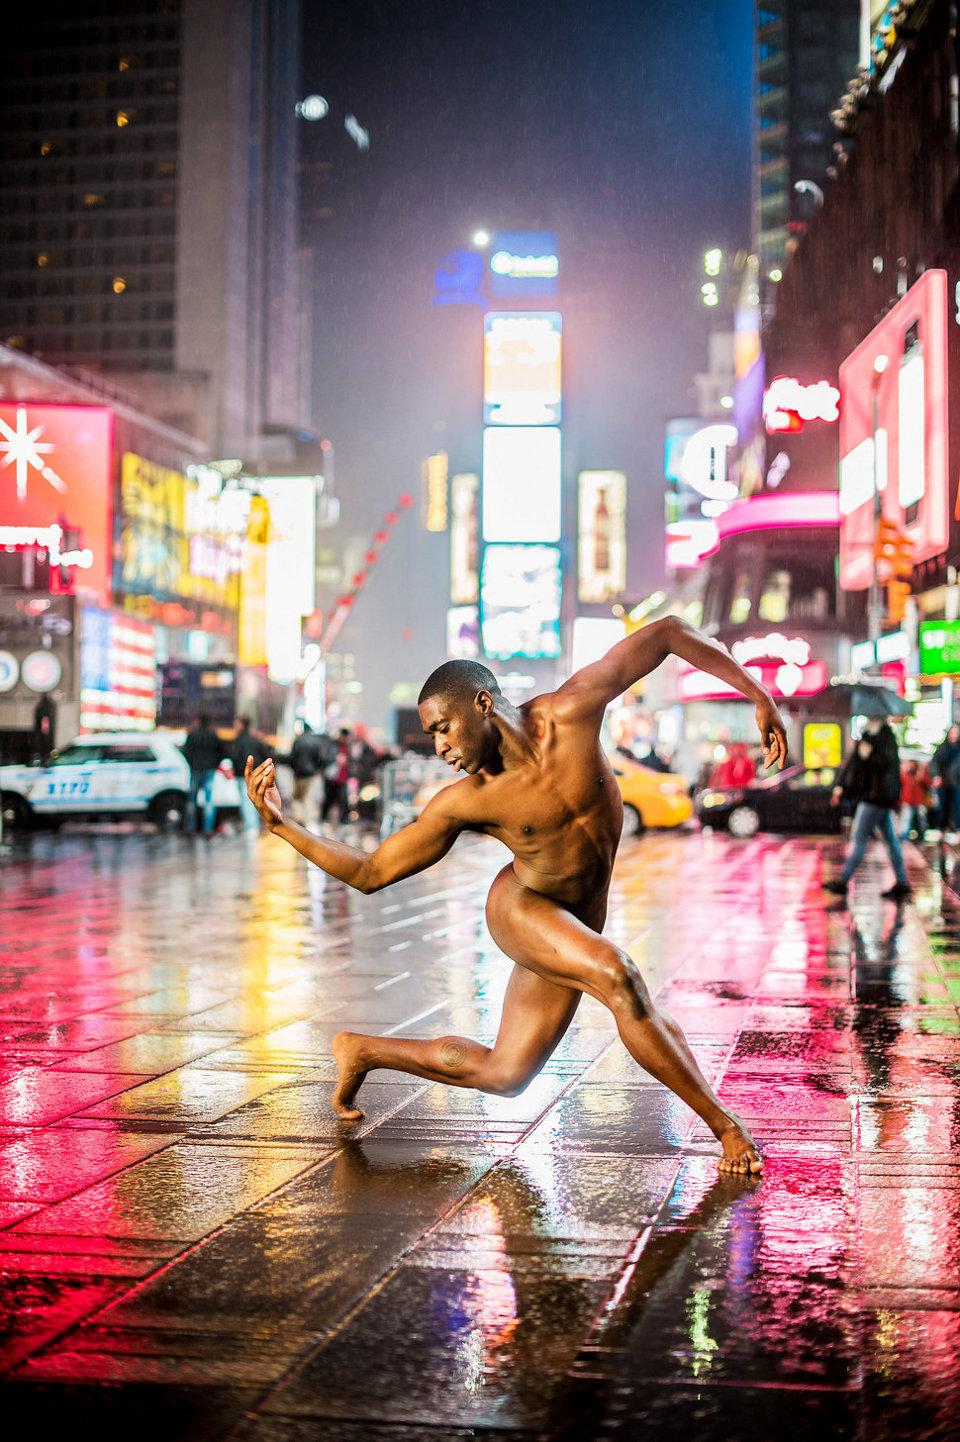 ballerini-nudi-danzano-strade-notte-dancers-after-dark-jordan-matter-09